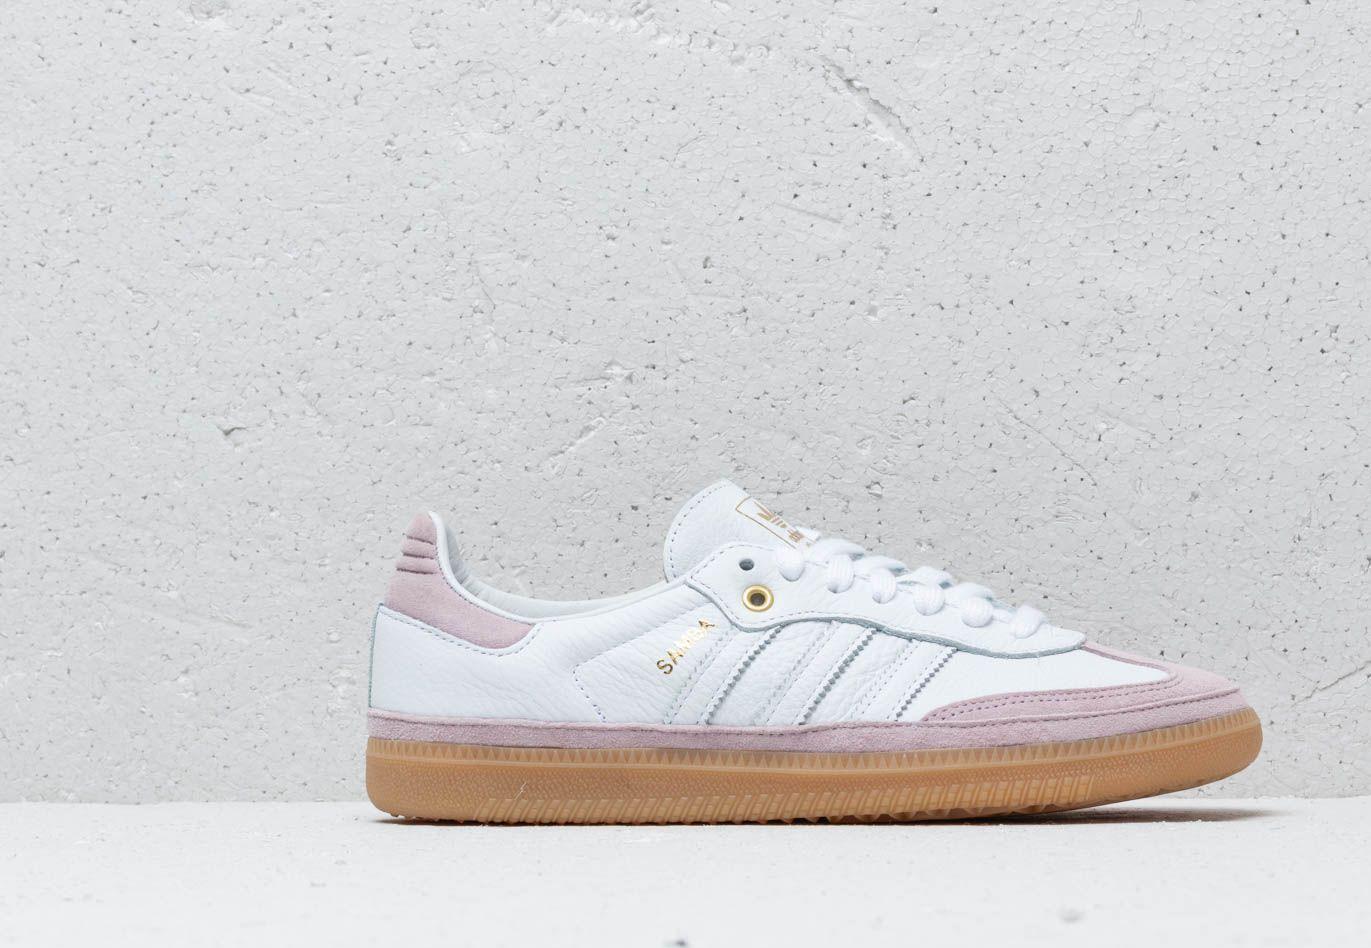 sale retailer 5ae0c ce09d Adidas Originals - Adidas Samba Og W Relay Ftw White  Ftw White  Sofvis -.  View fullscreen